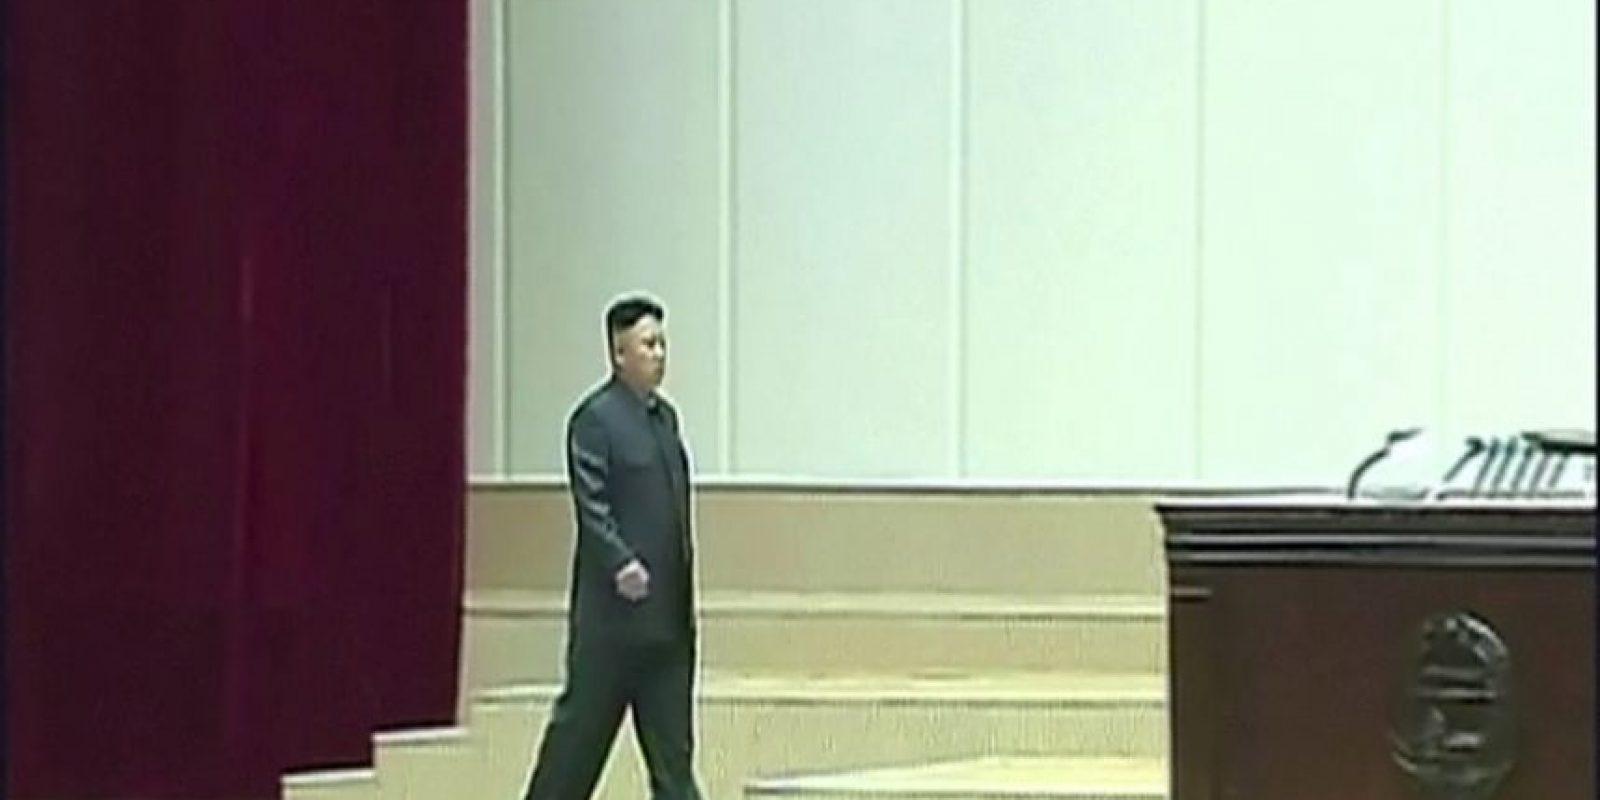 Supuestamente en mayo de 2016, ordenó la muerte de su ministro de Defensa por haberse quedado dormido en un acto oficial Foto:AFP